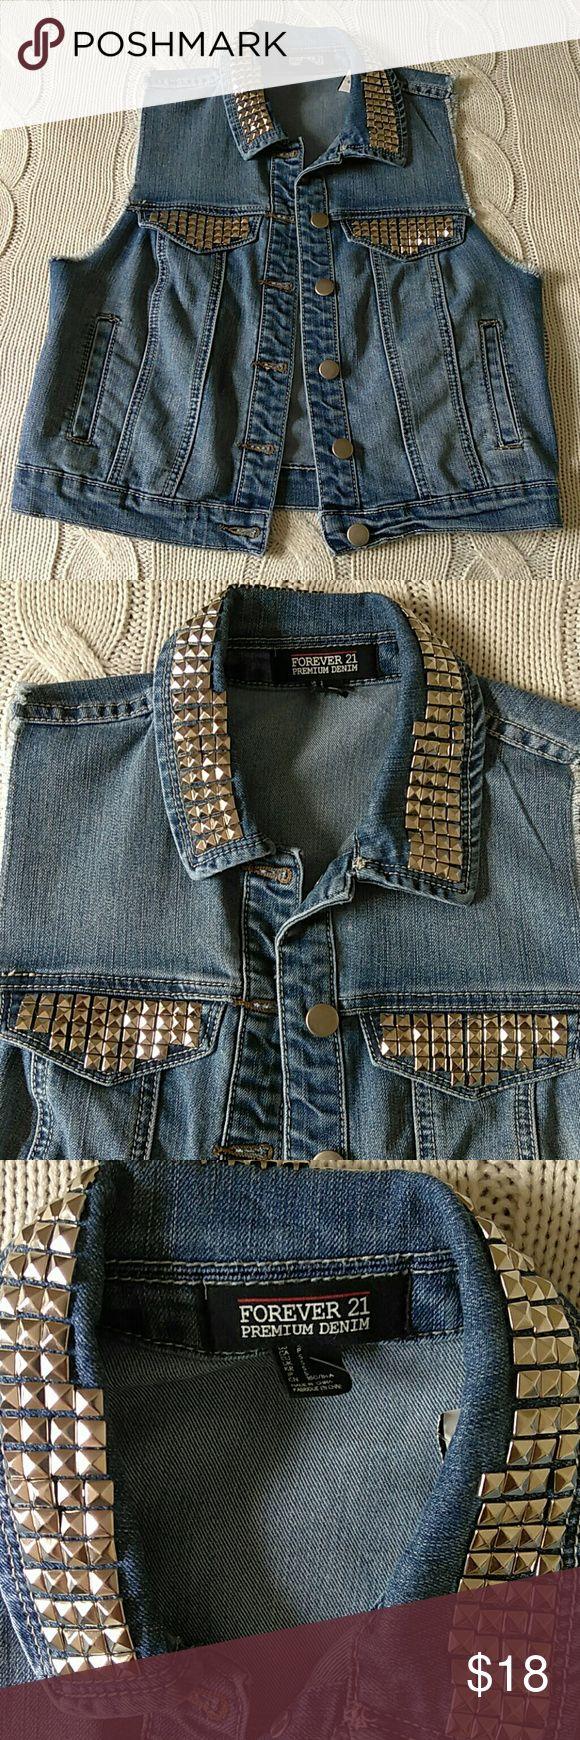 Studded Silver Vest F21 Premium Denim Studded Silver Vest. NWOT. Forever 21 Jackets & Coats Jean Jackets